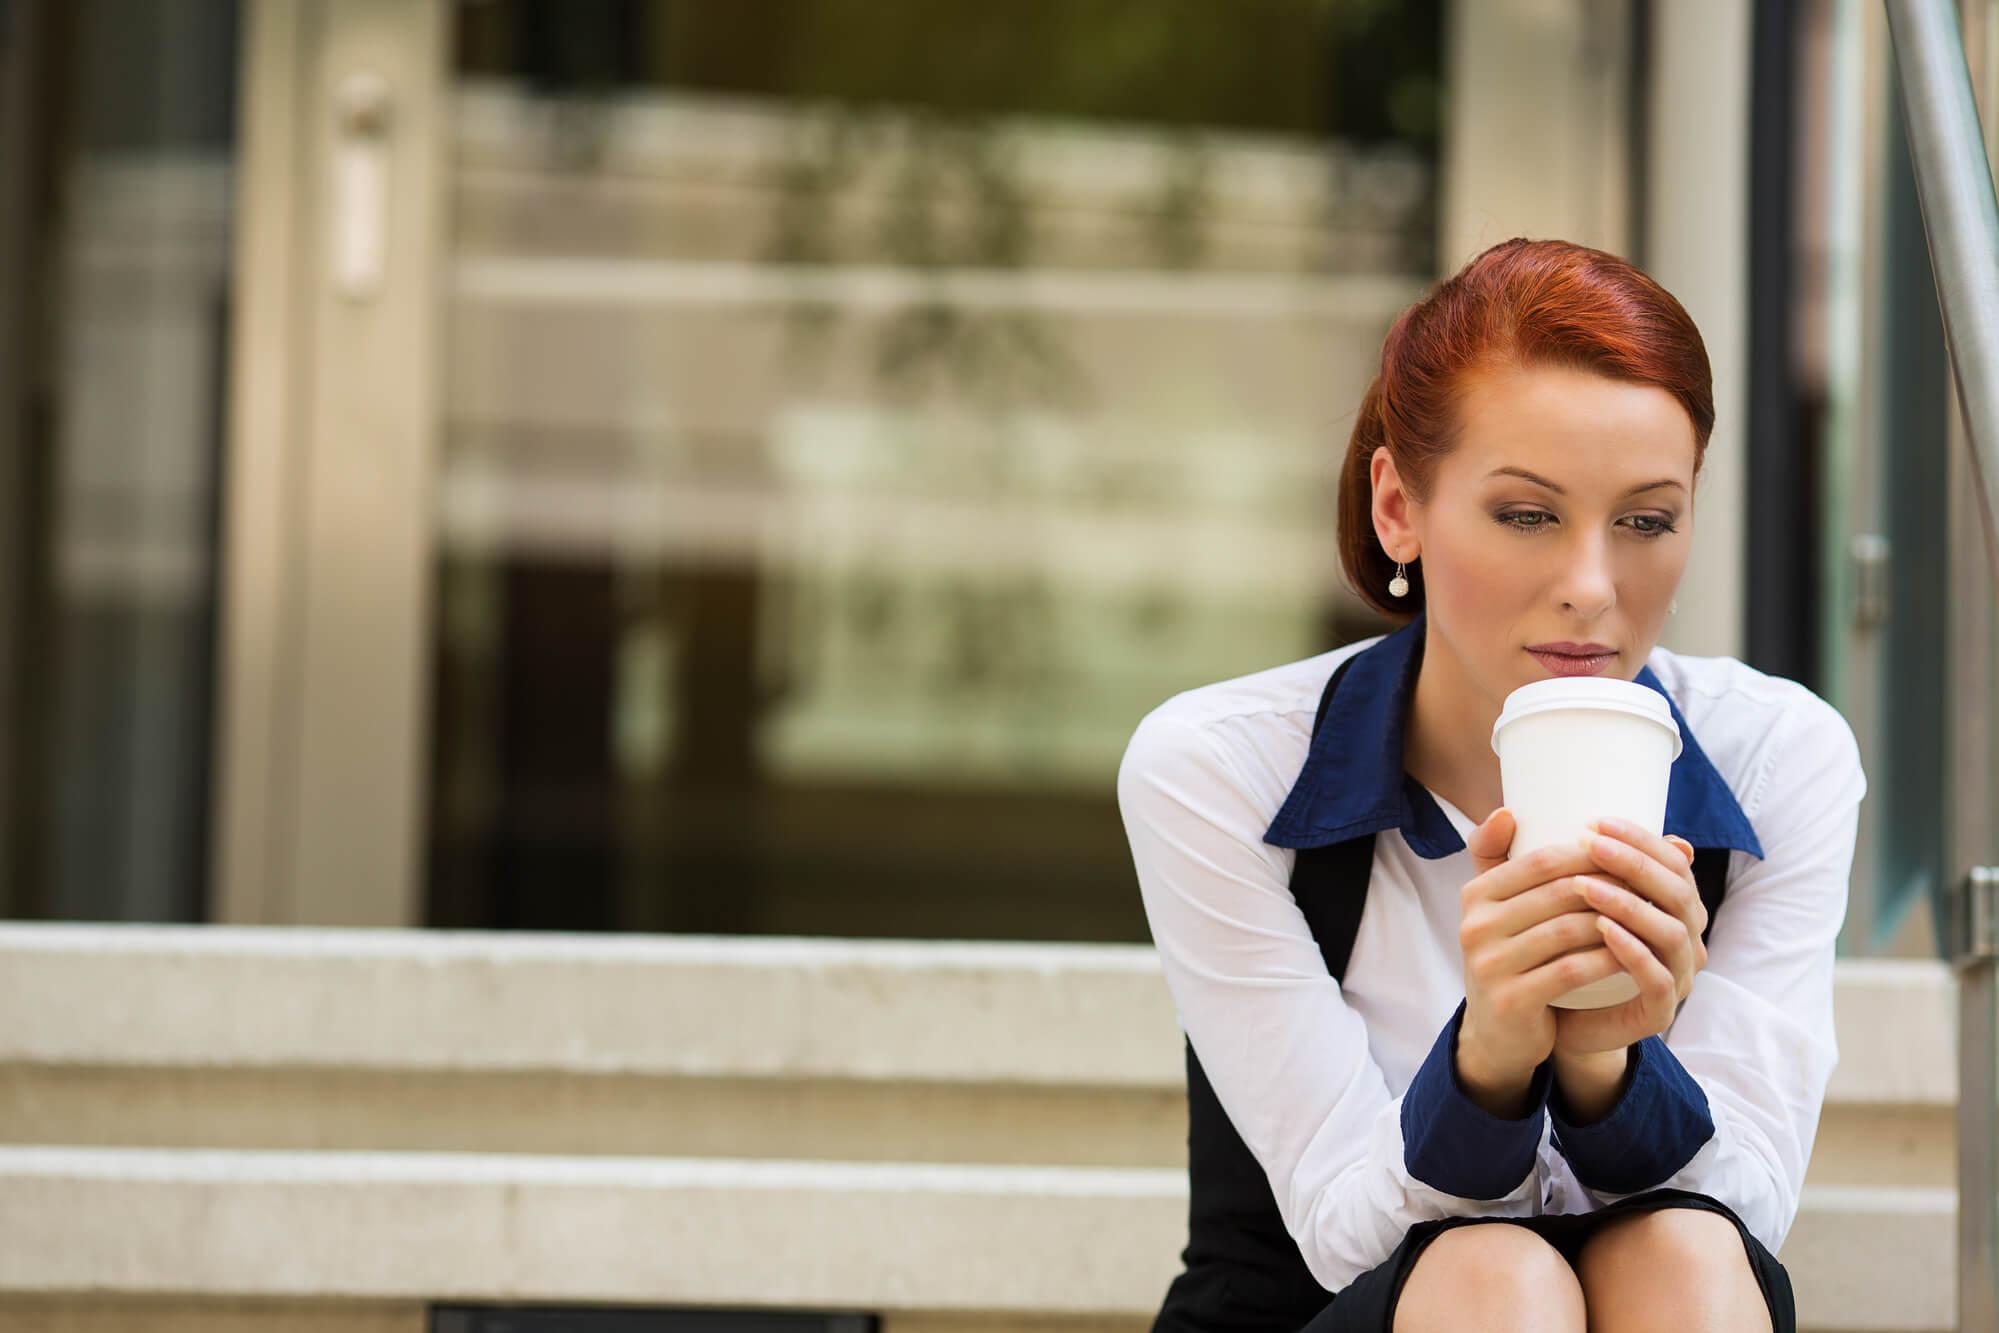 Depressão no trabalho: quais os direitos garantidos por lei?